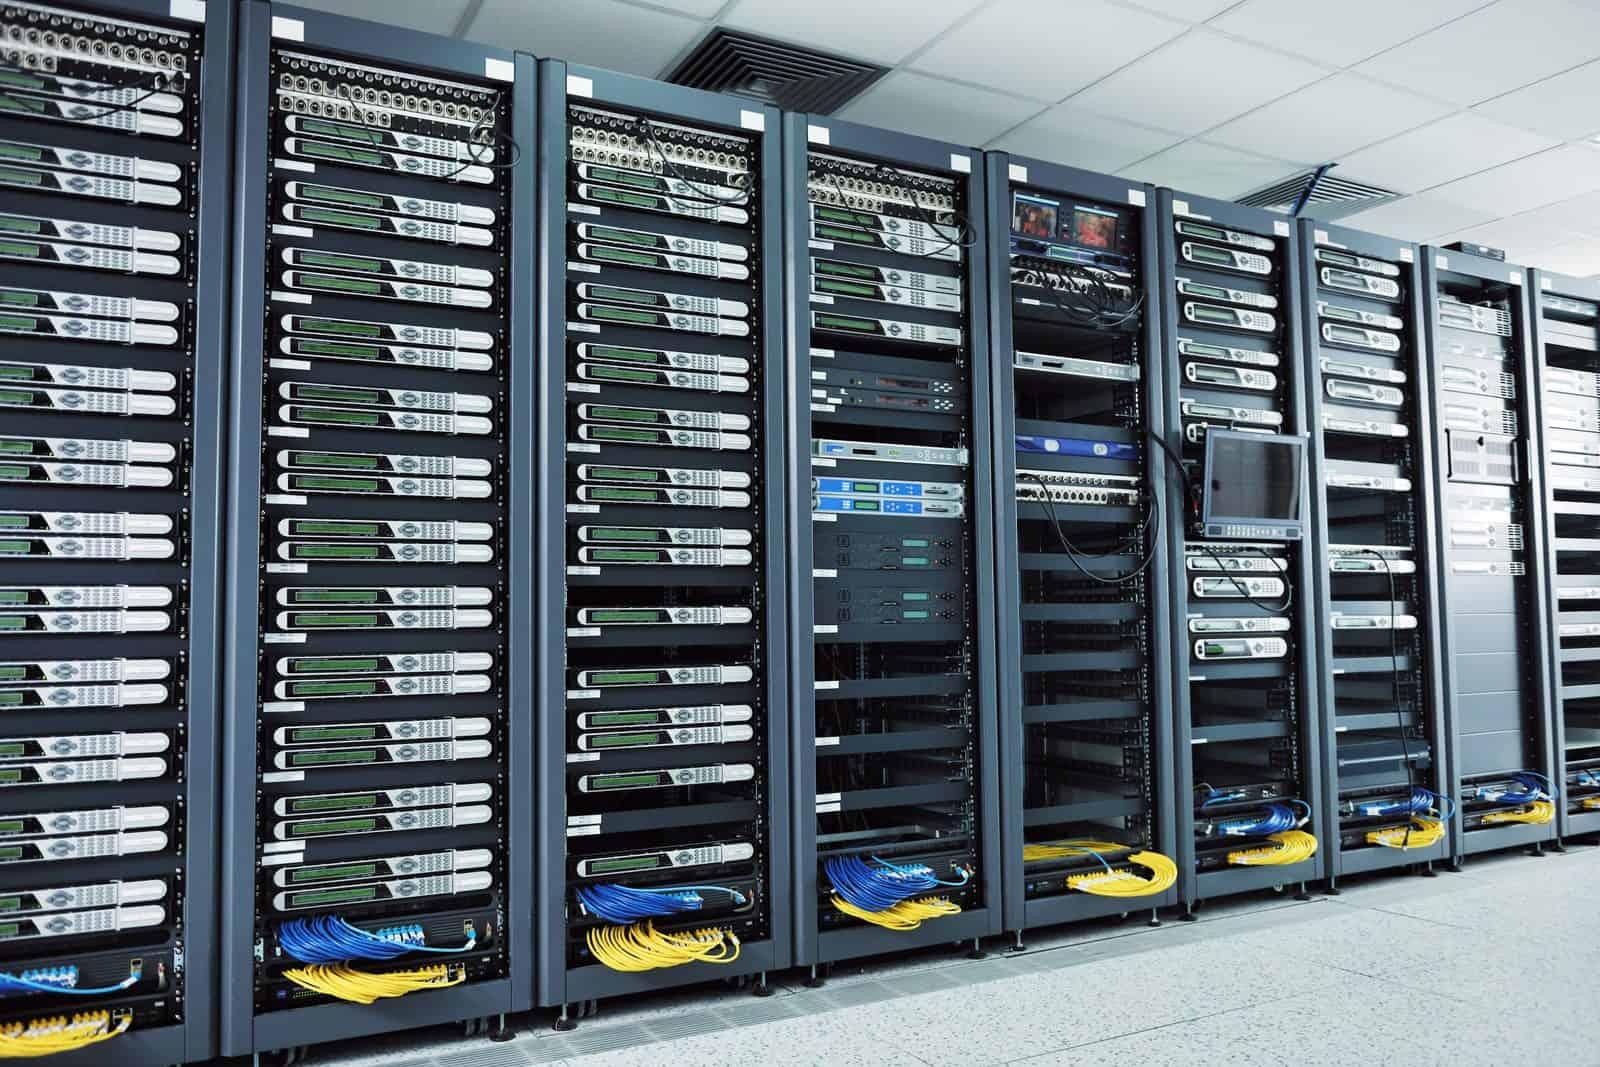 Inside of server room